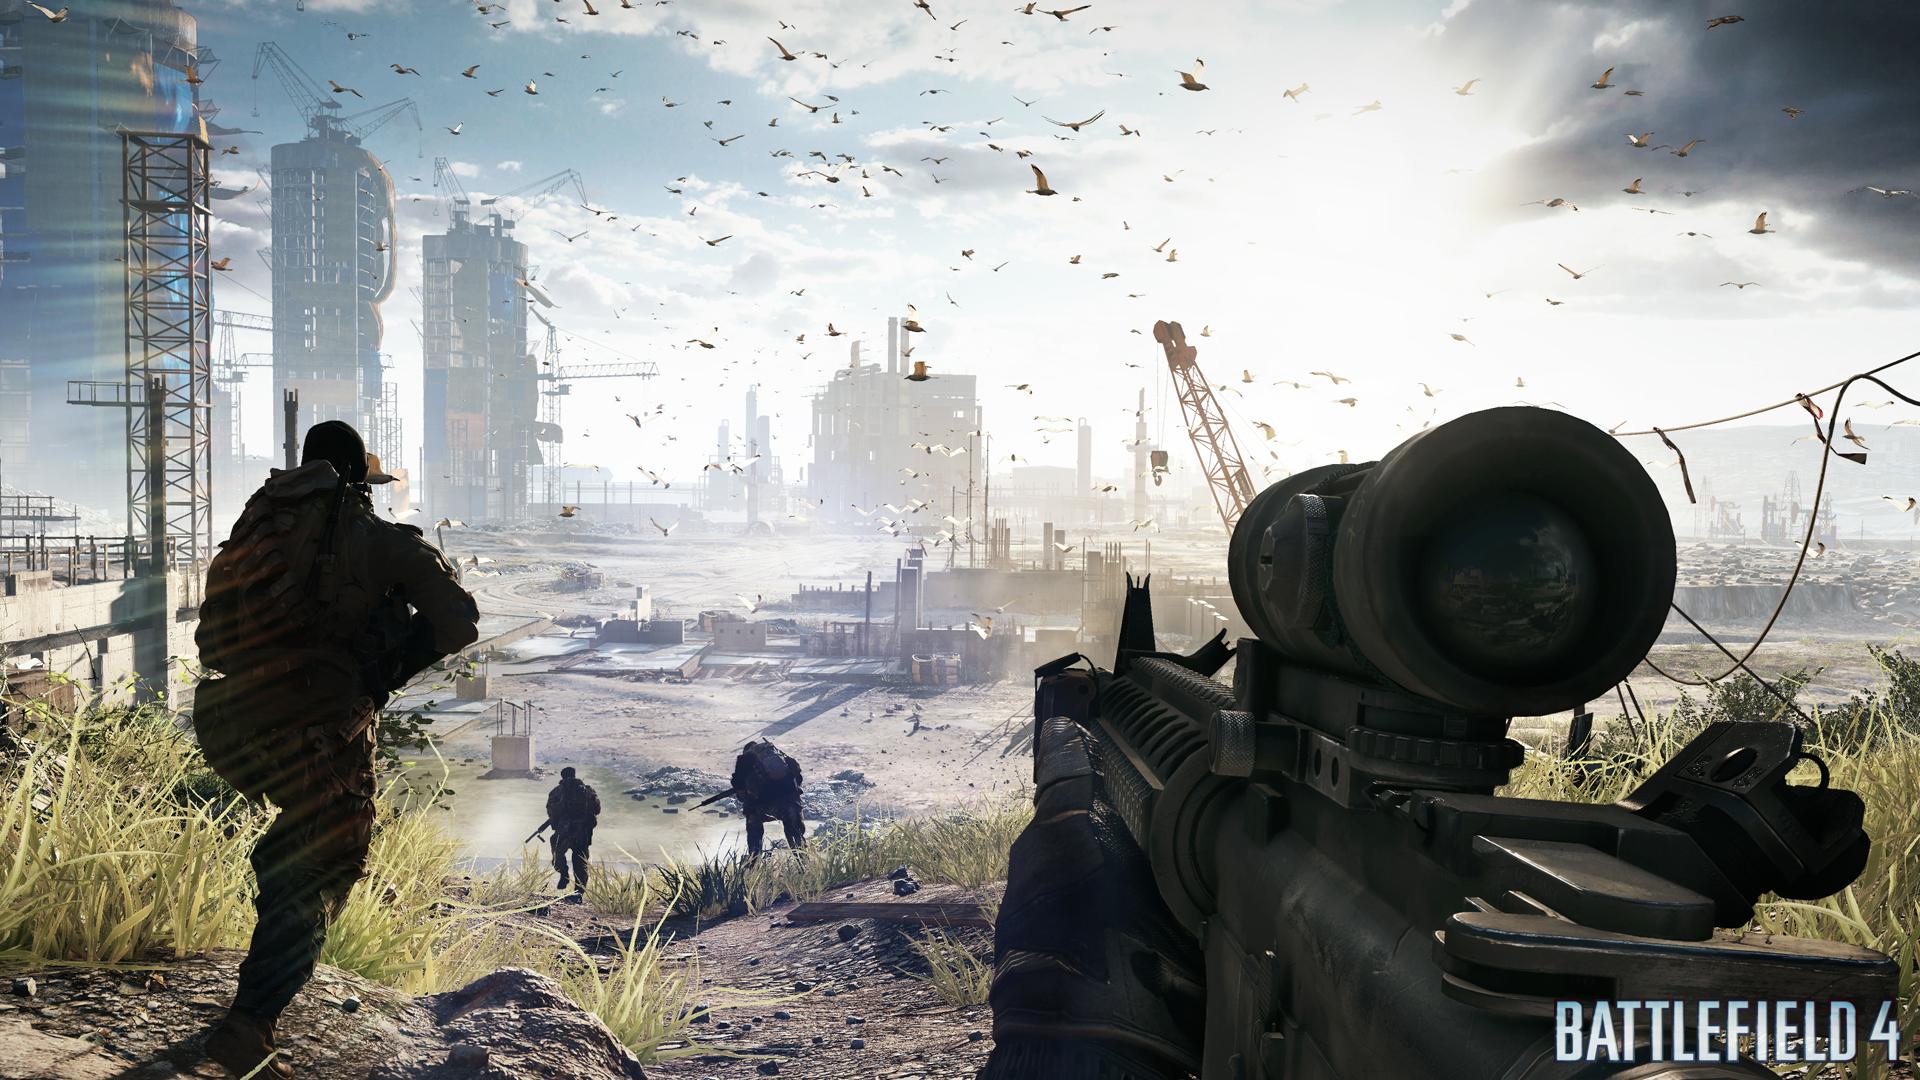 battlefield-4-screenshot-3